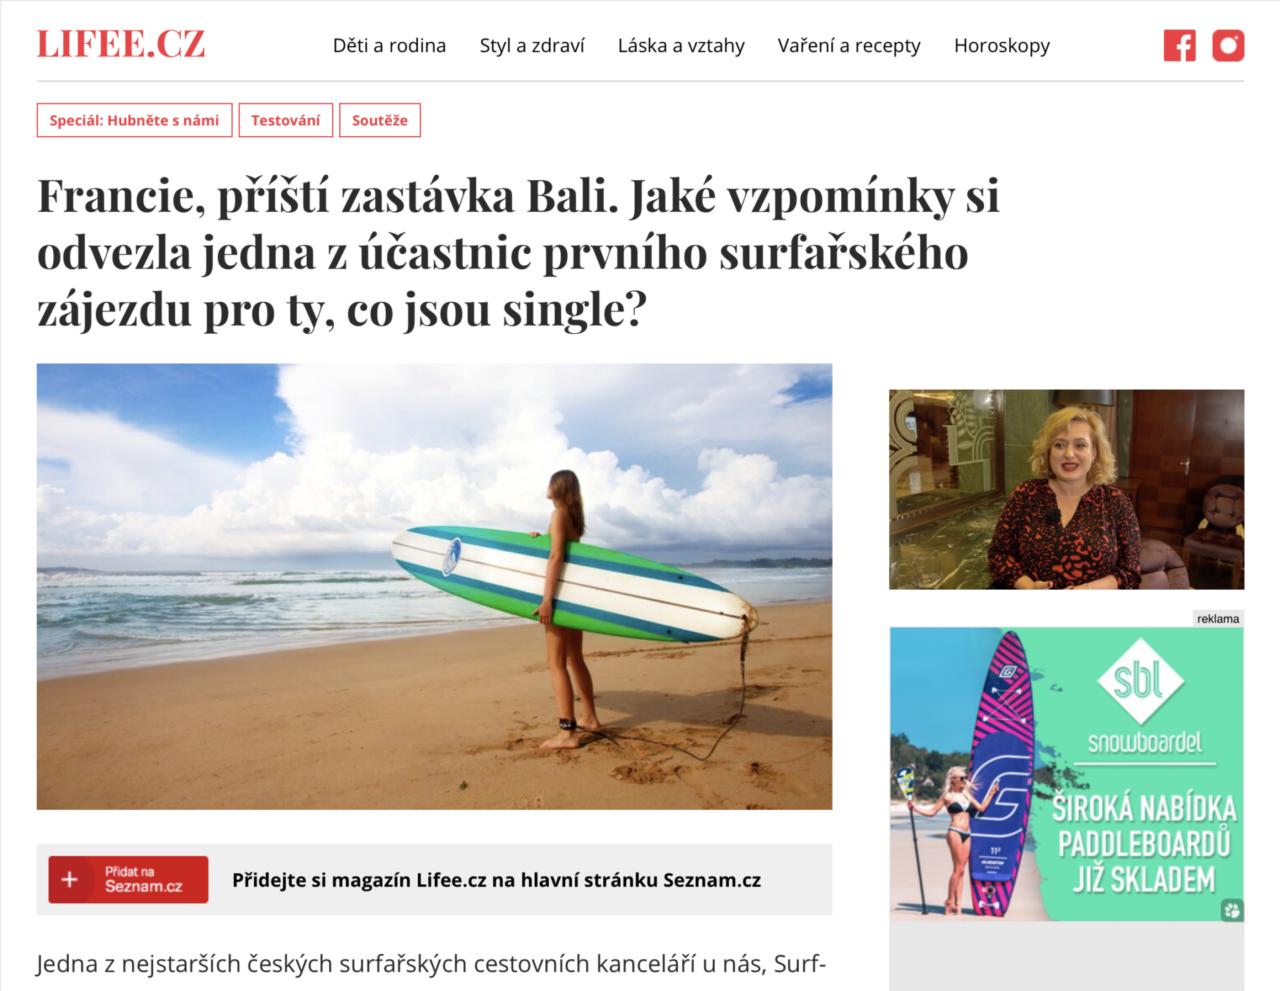 Lifee.cz článek o surfovém zájezdu single fin